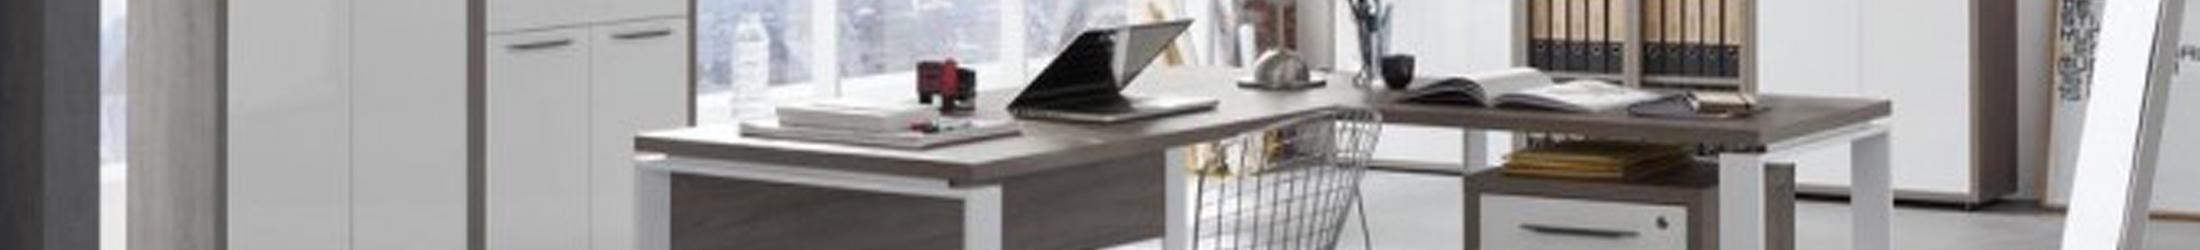 Armadi ufficio prezzi fabulous sedie per ufficio prezzi for Mobili x ufficio economici